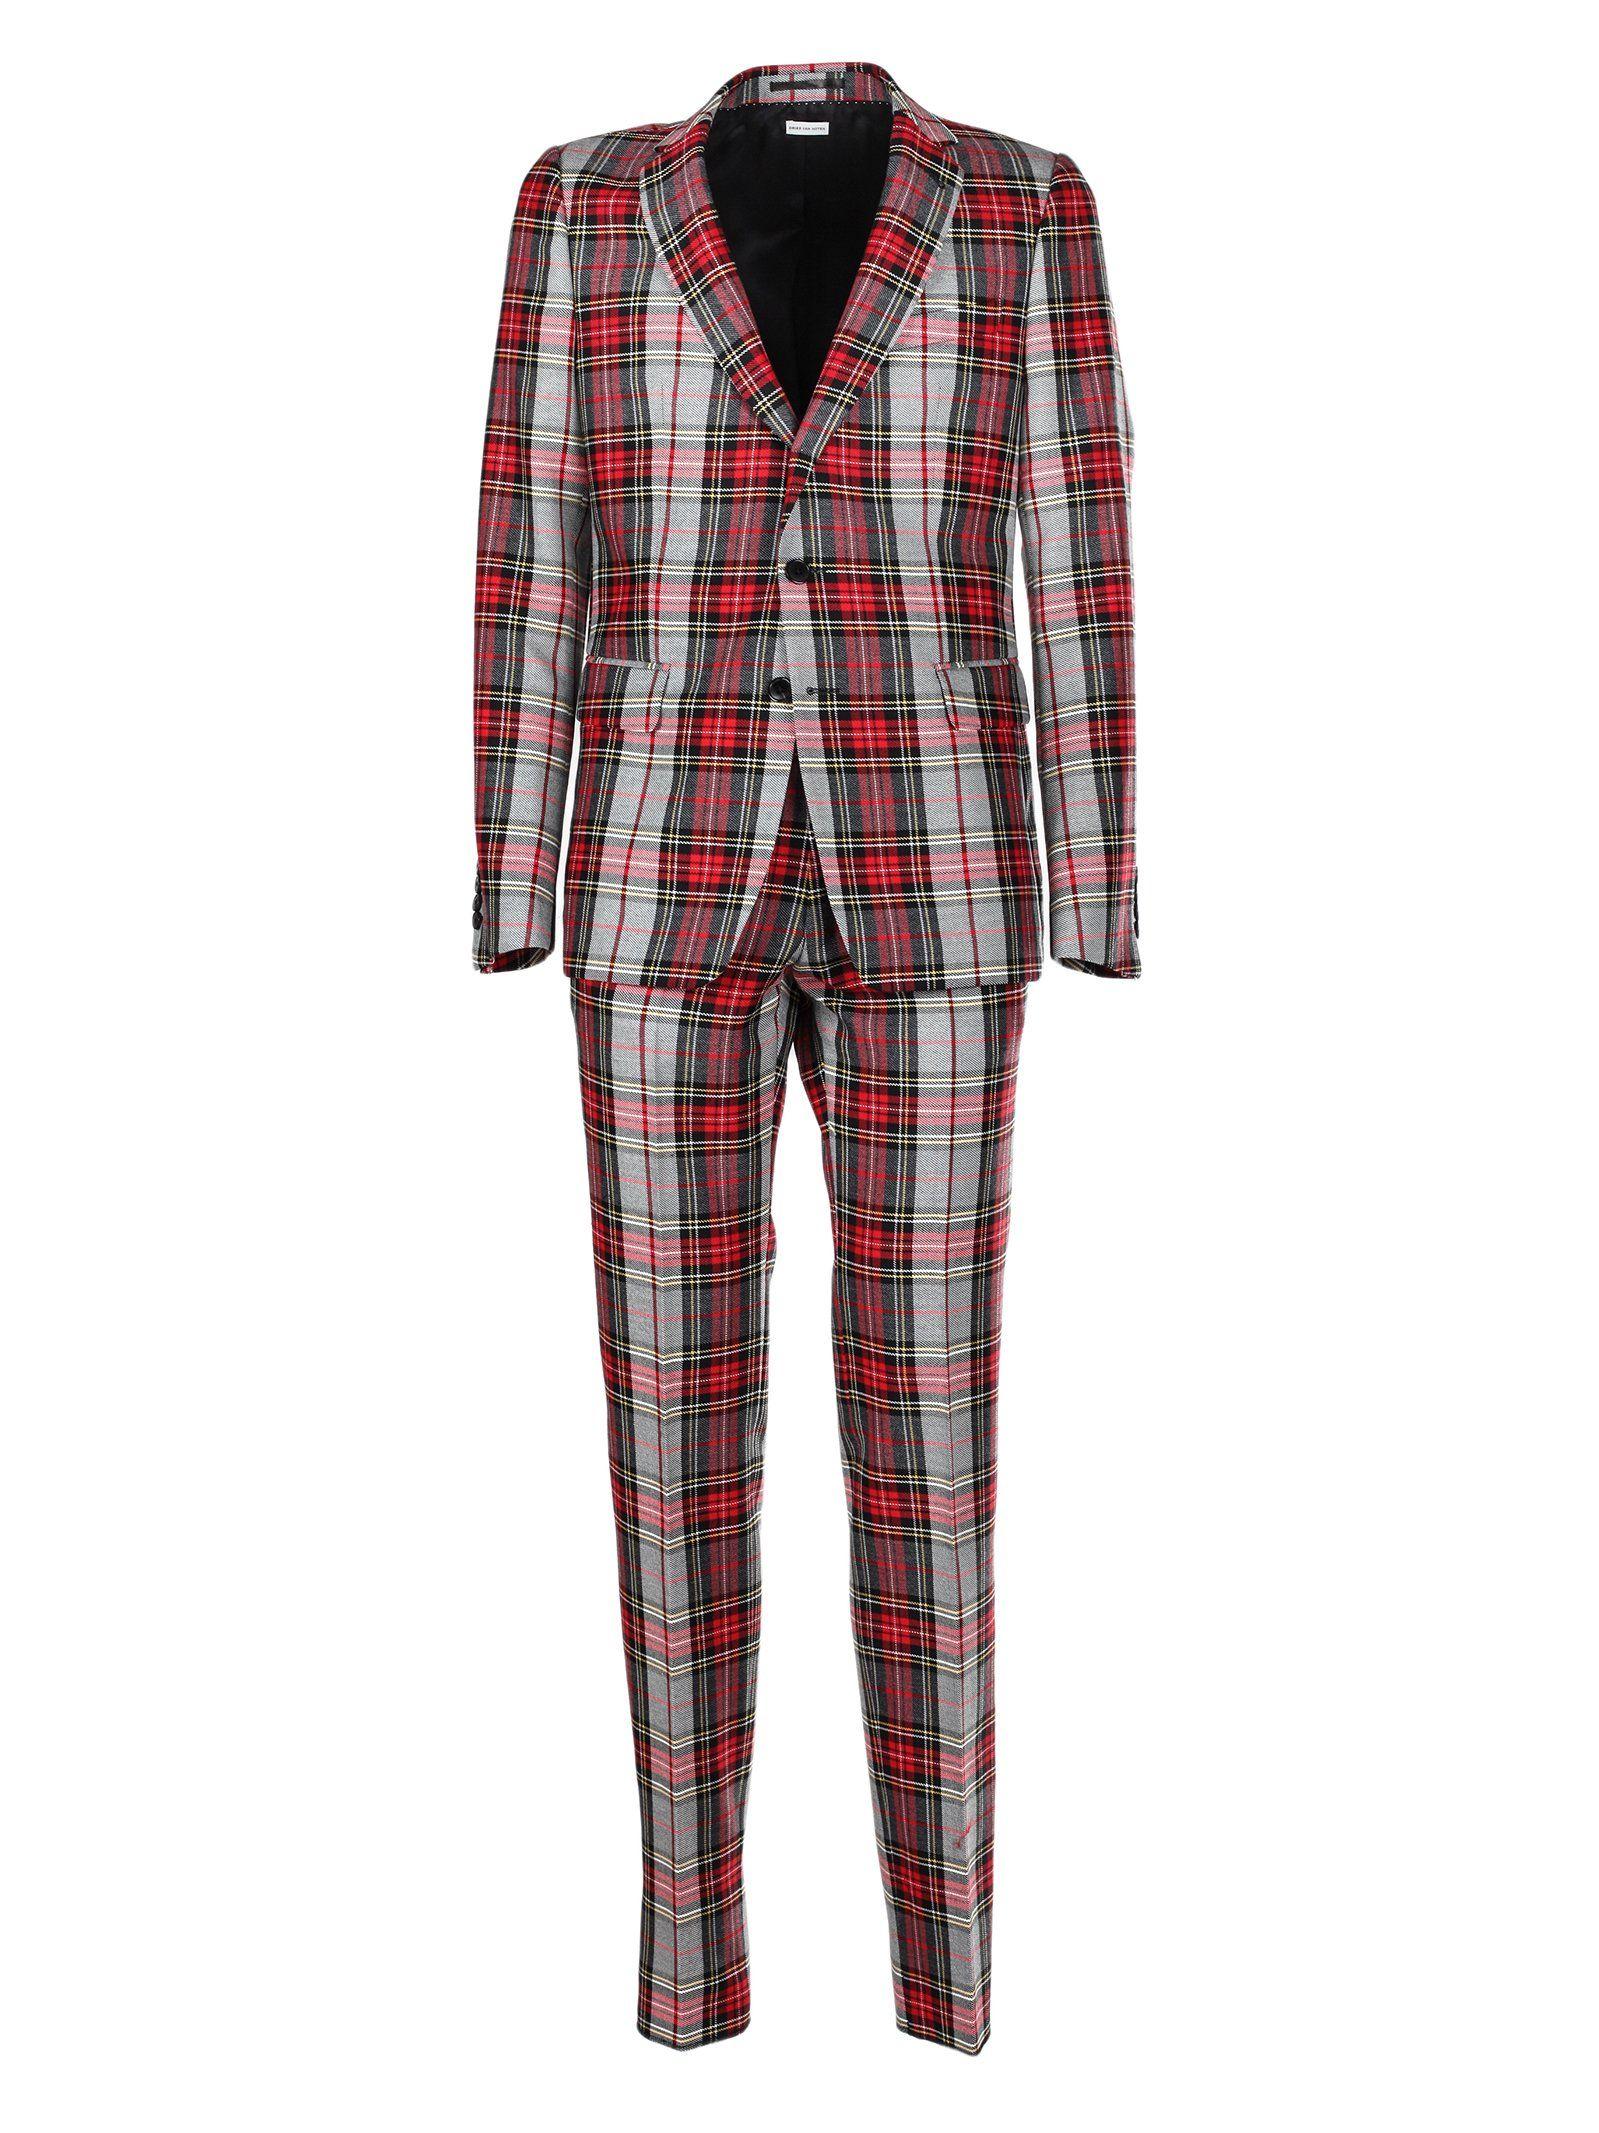 Red flannel nightgown  Dries Van Noten Checked Suit Multi  Dries Van Noten  Pinterest